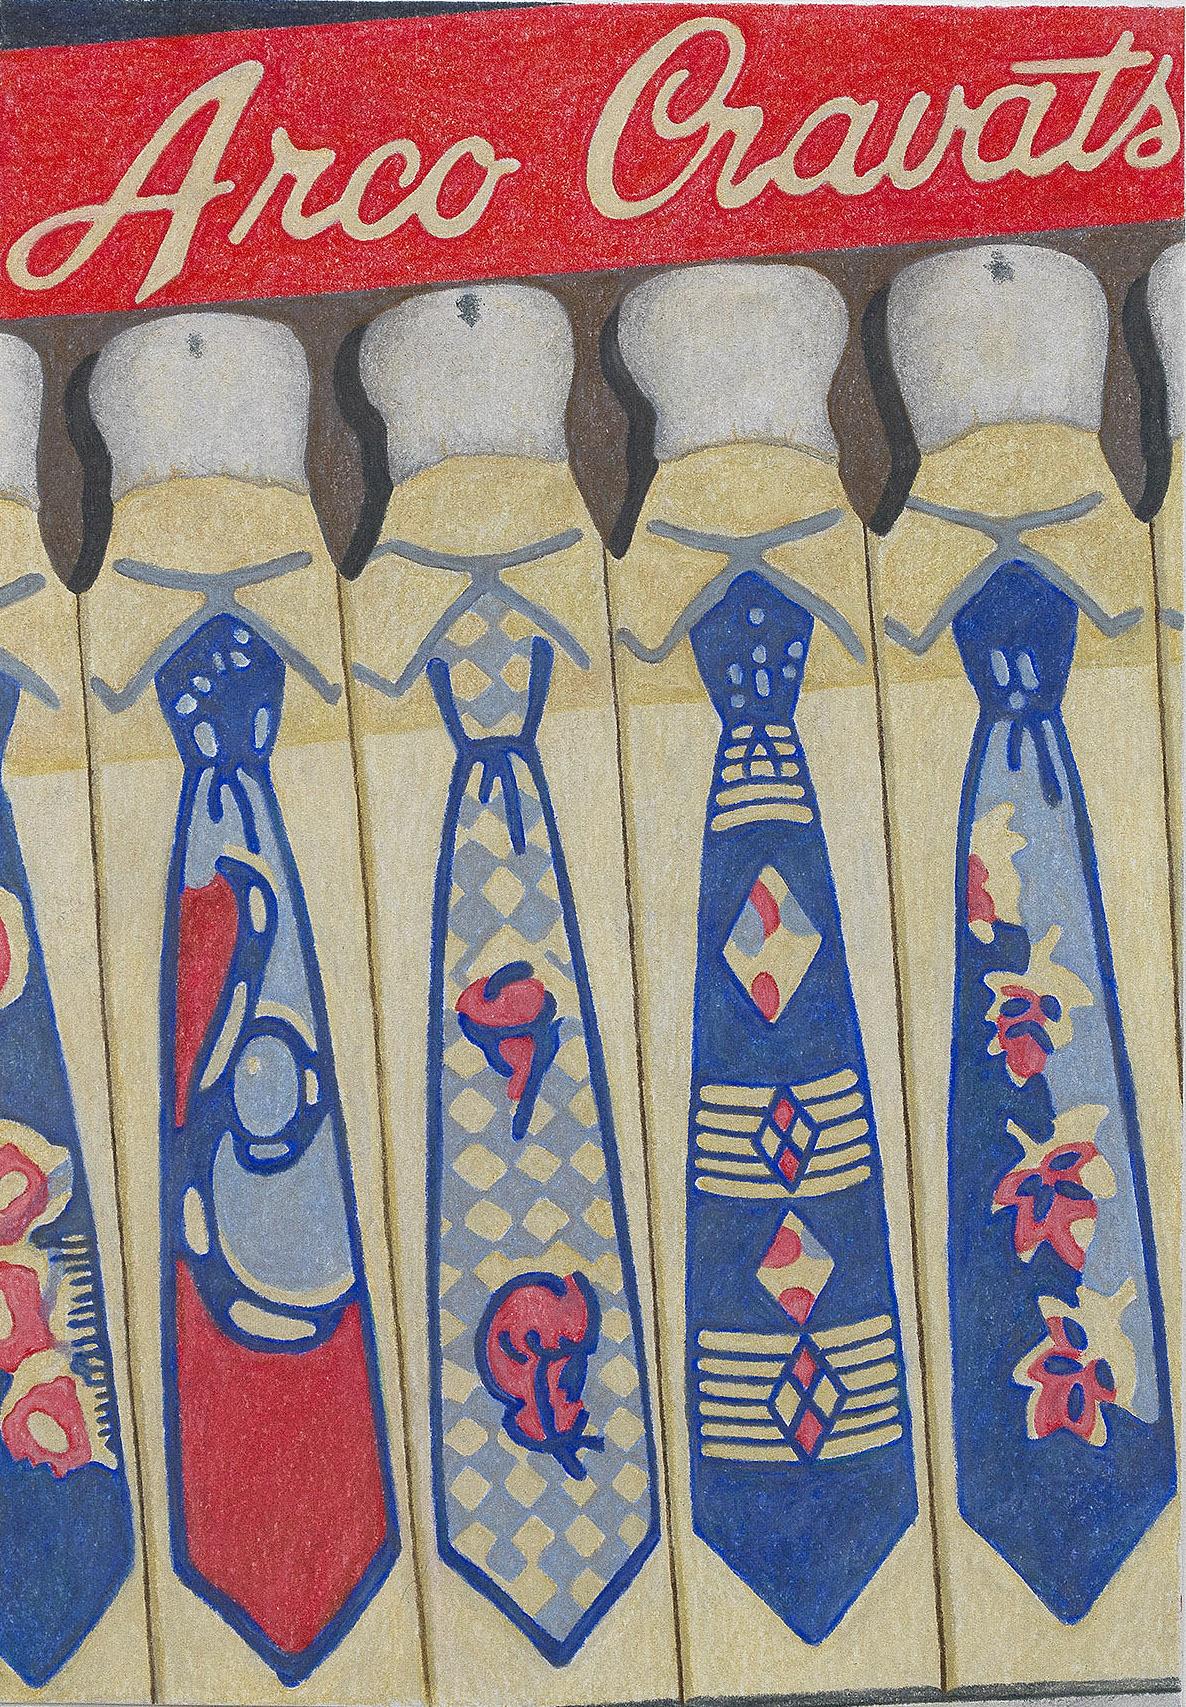 Arco Cravats